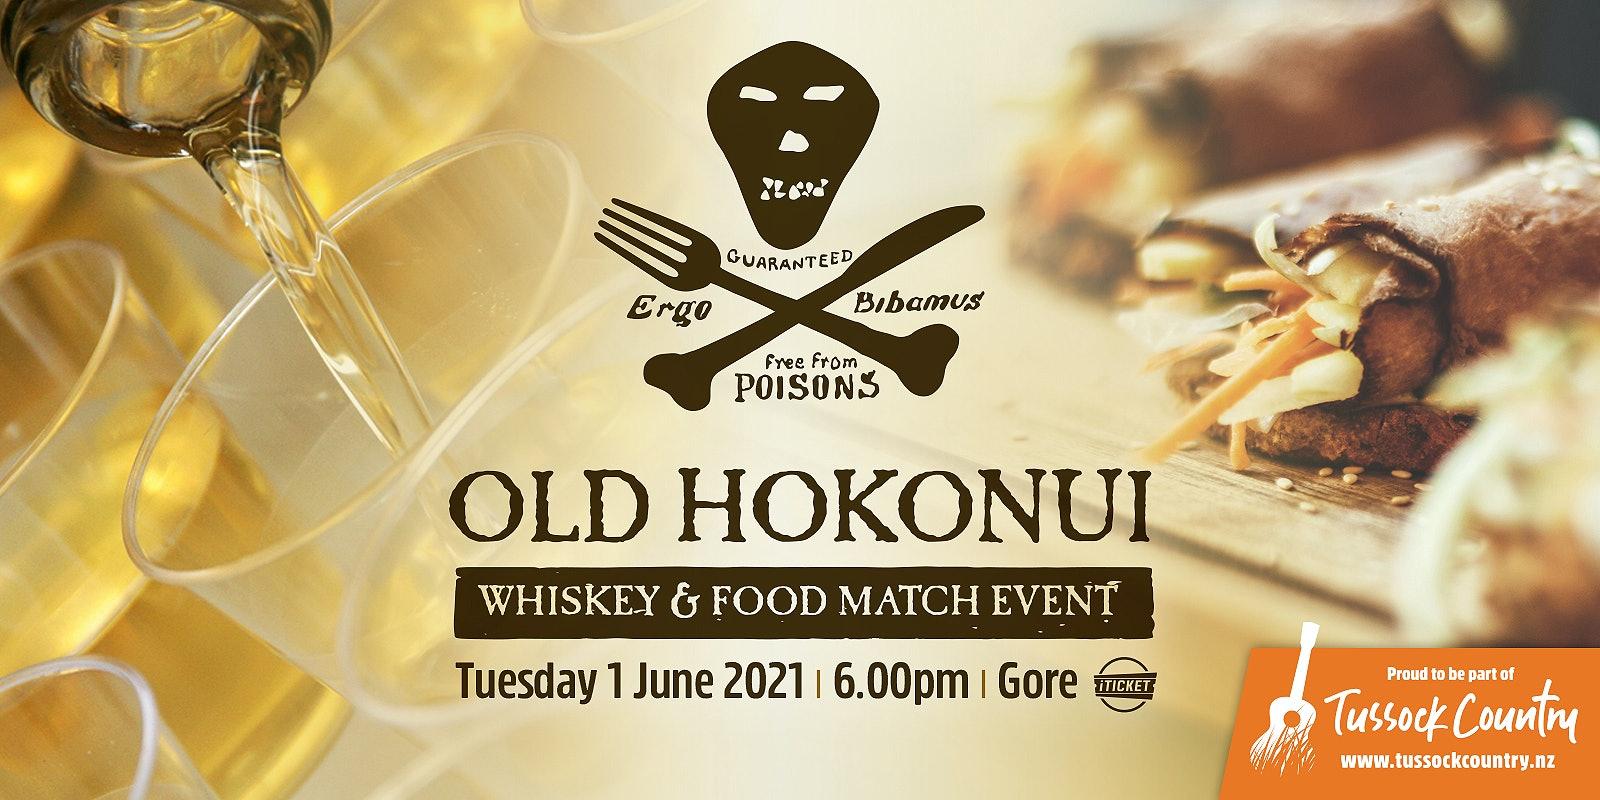 Old Hokonui